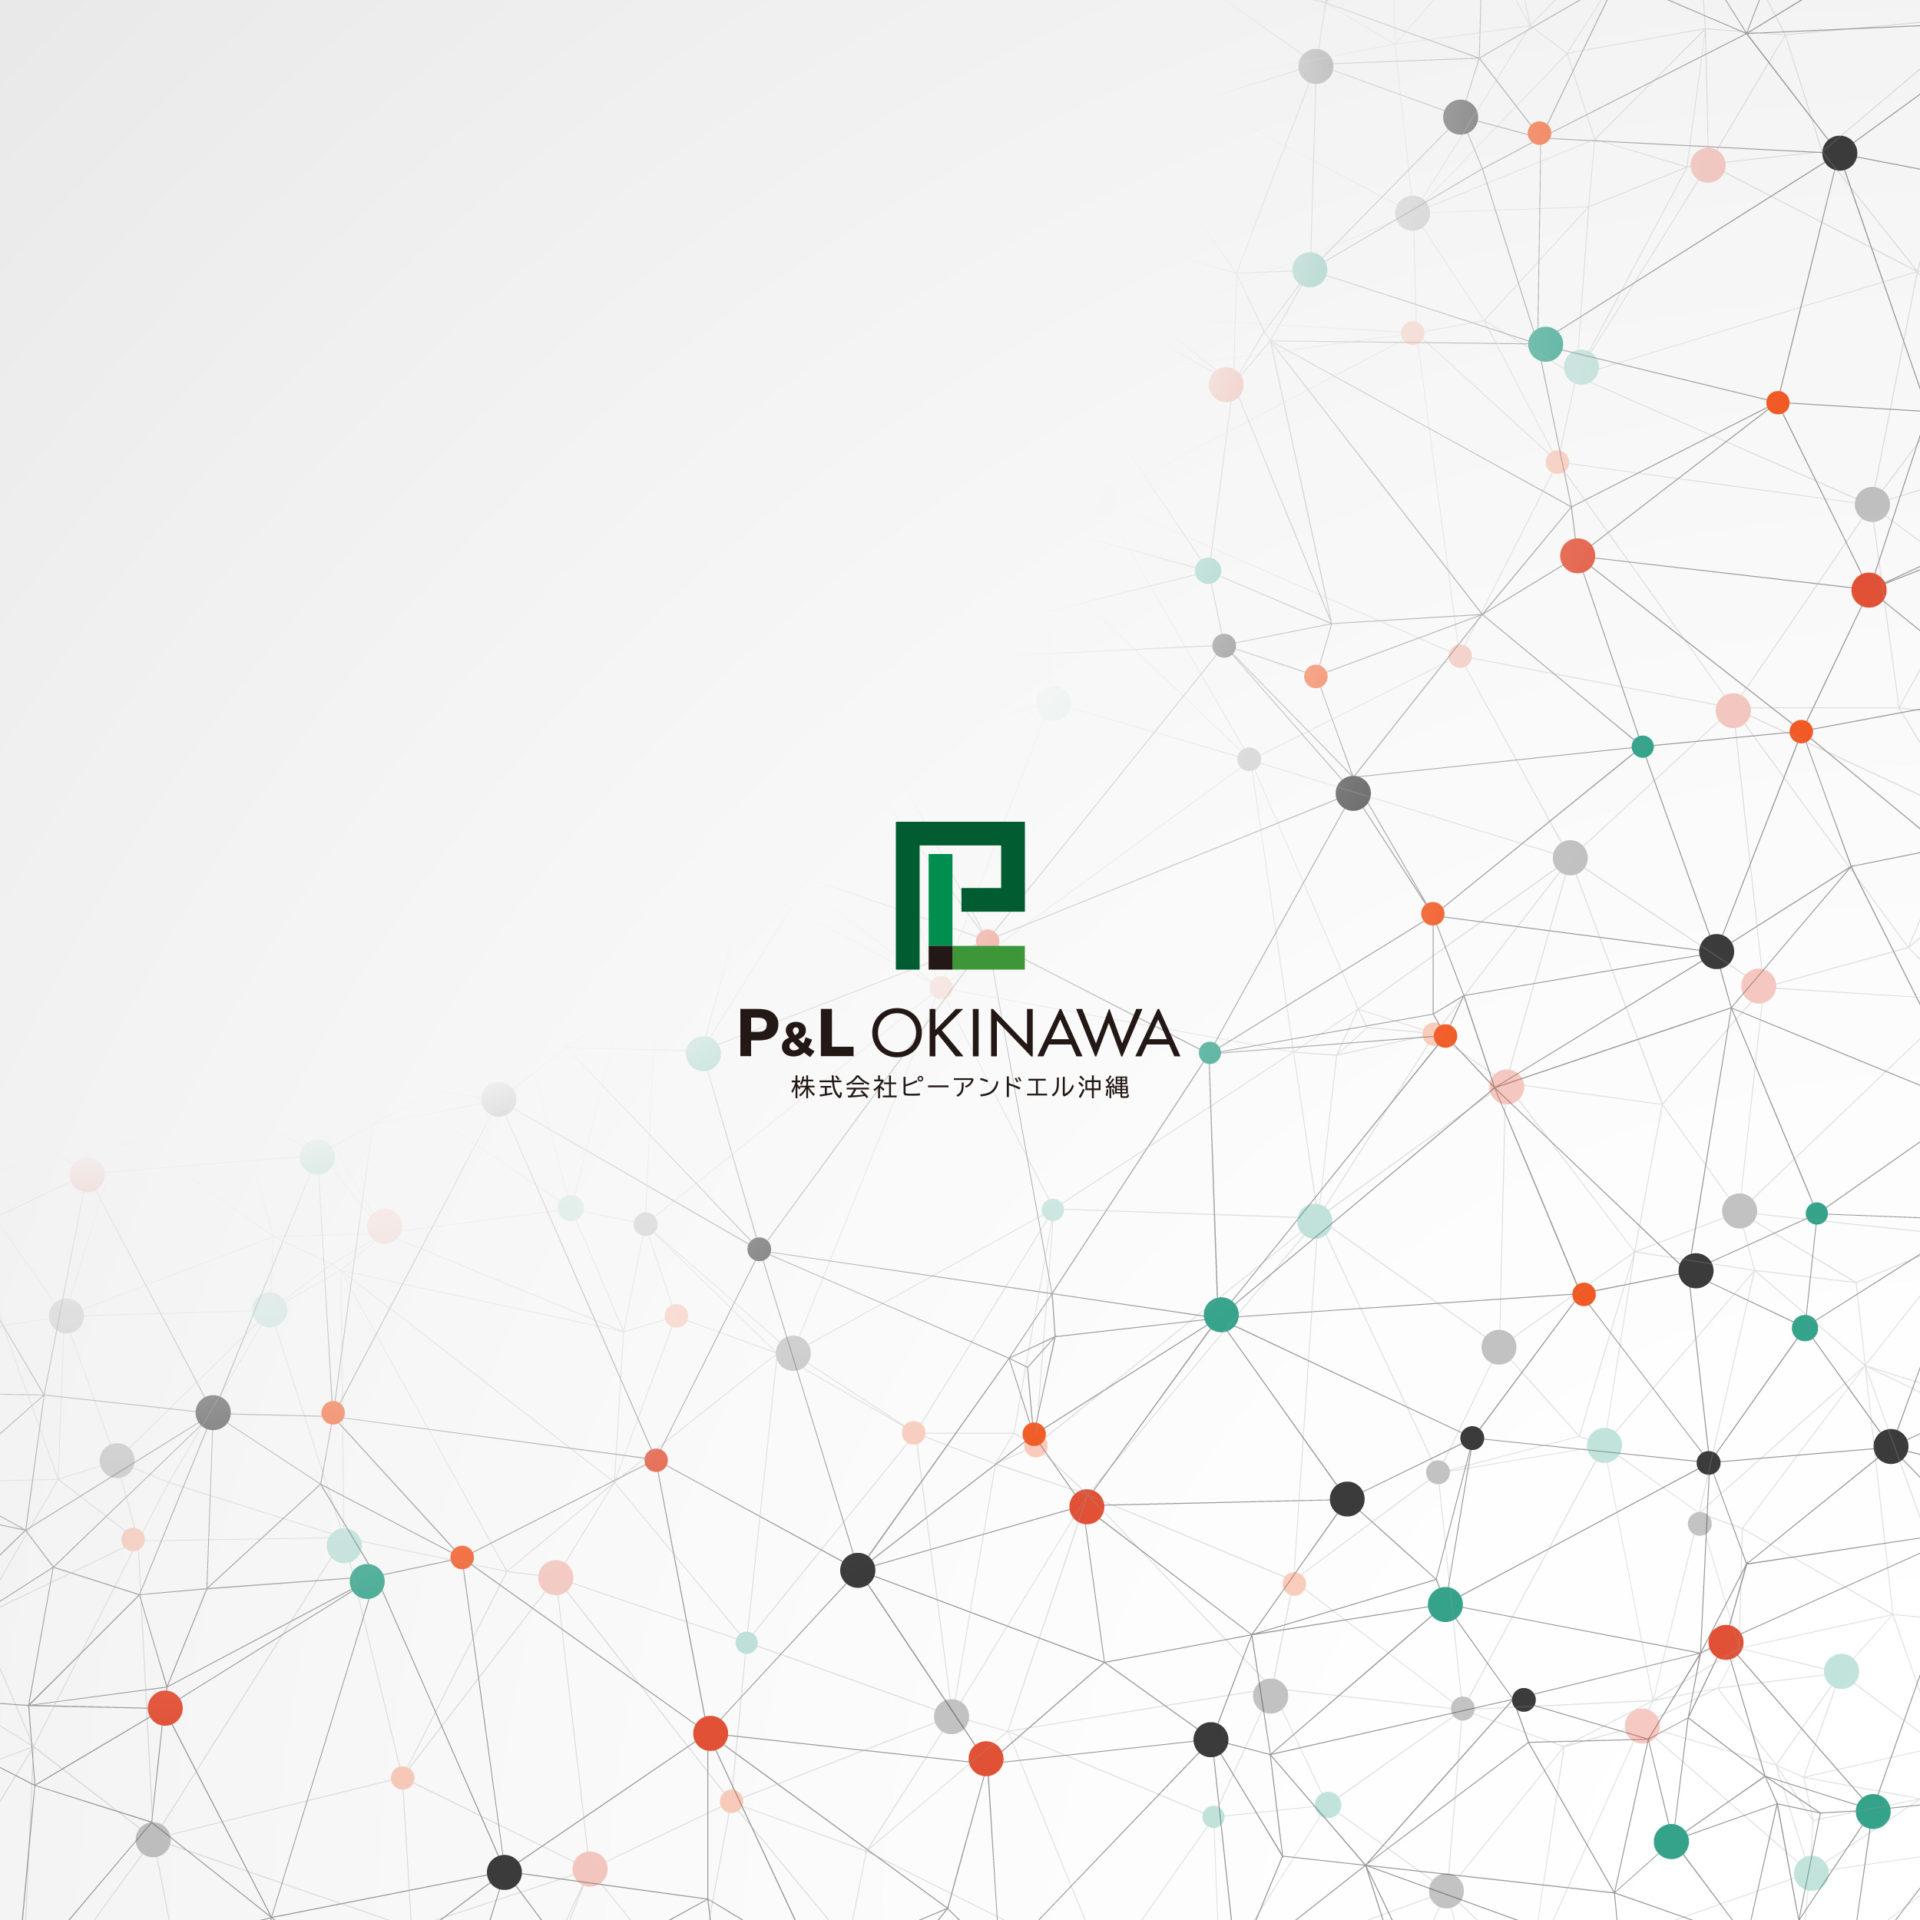 株式会社P&L